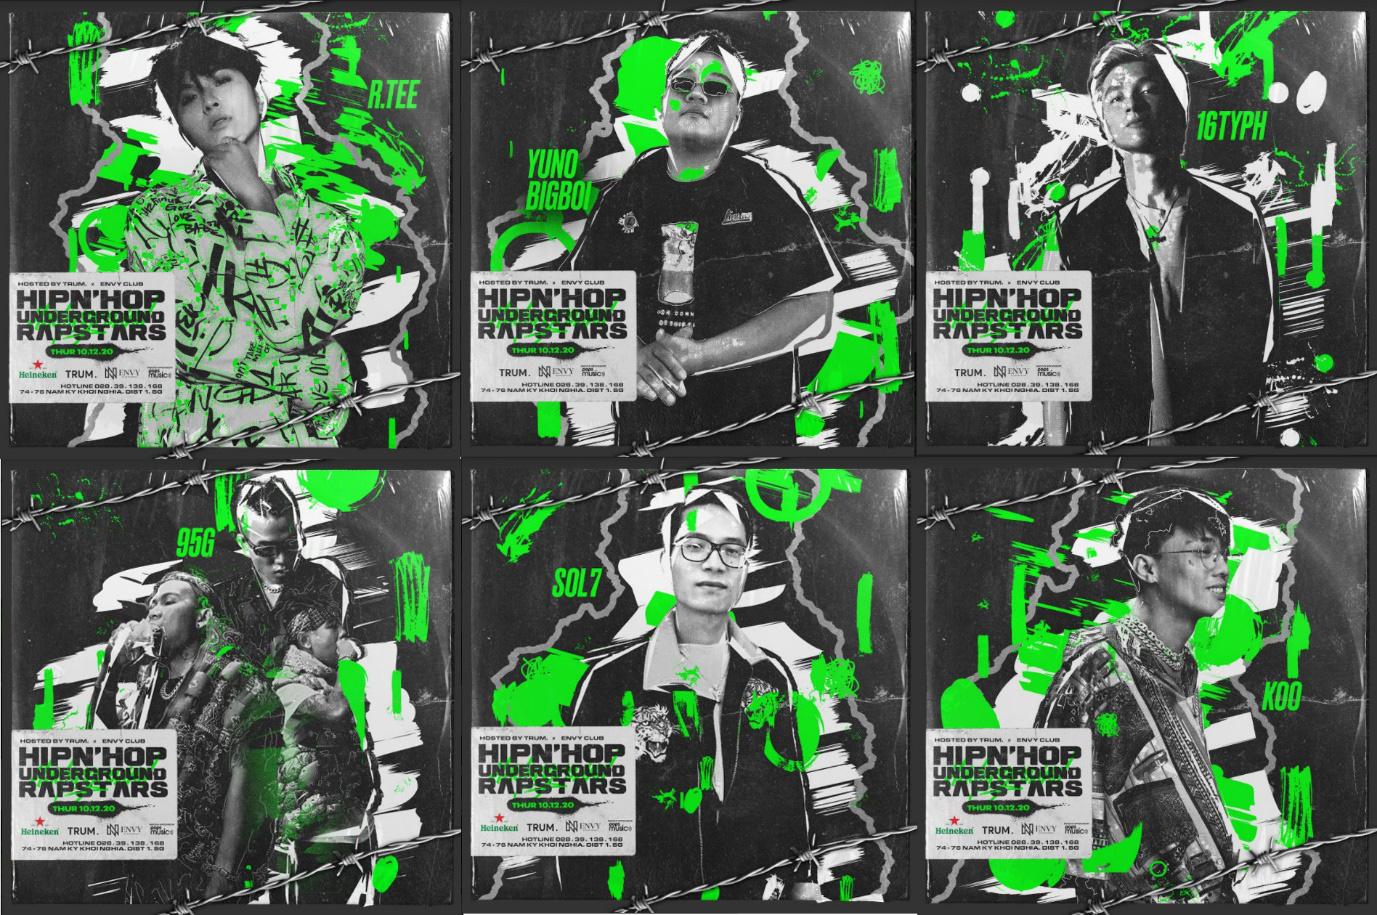 Hip n Hop tung đêm diễn đầu tiên với R.Tee, Yuno Bigboi, 16Typh, 95G, nghe đâu là có cả Dế Choắt? - Ảnh 1.